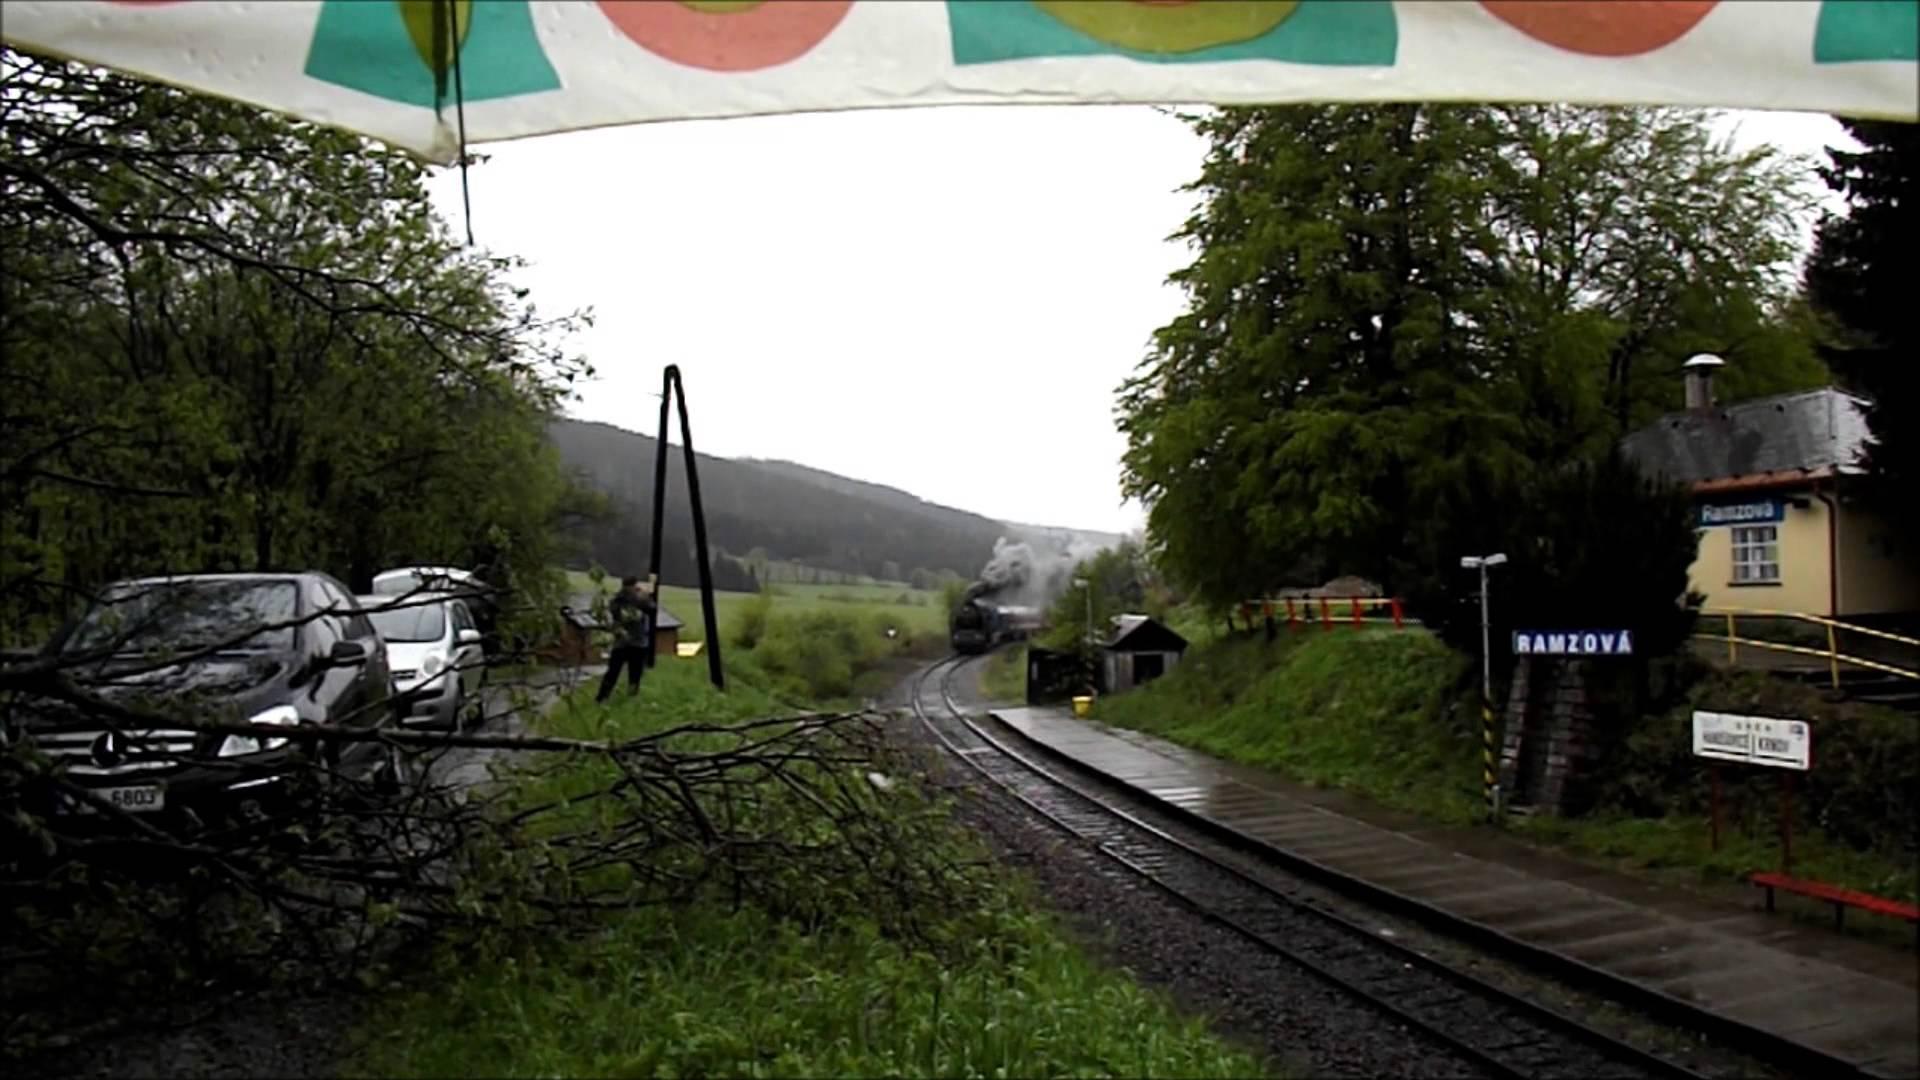 ČD 464.008 Ušatá, nostalgický parní vlak Vincenz Priessnitz; 17.V.2014 [HD]